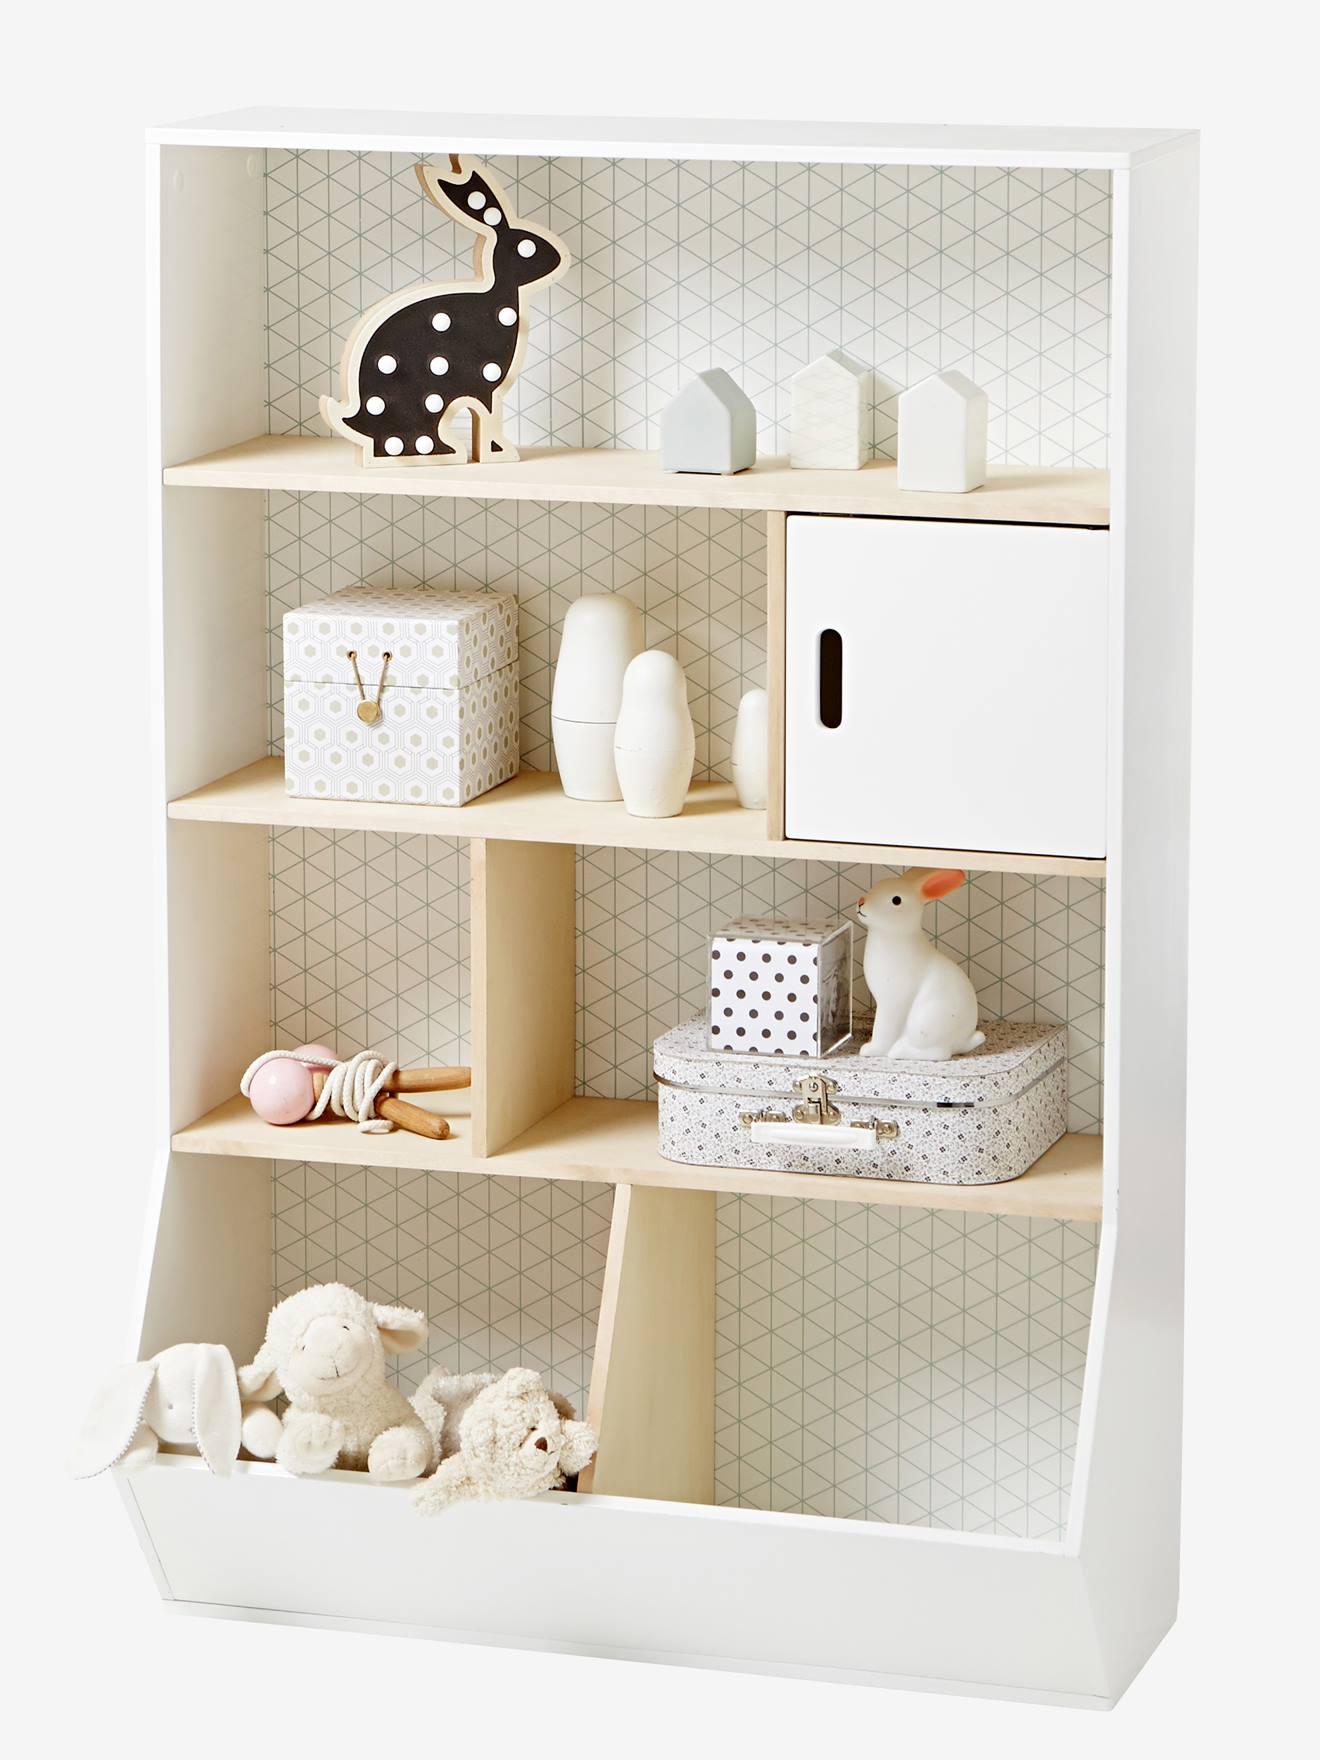 kinderzimmerm bel schweiz. Black Bedroom Furniture Sets. Home Design Ideas